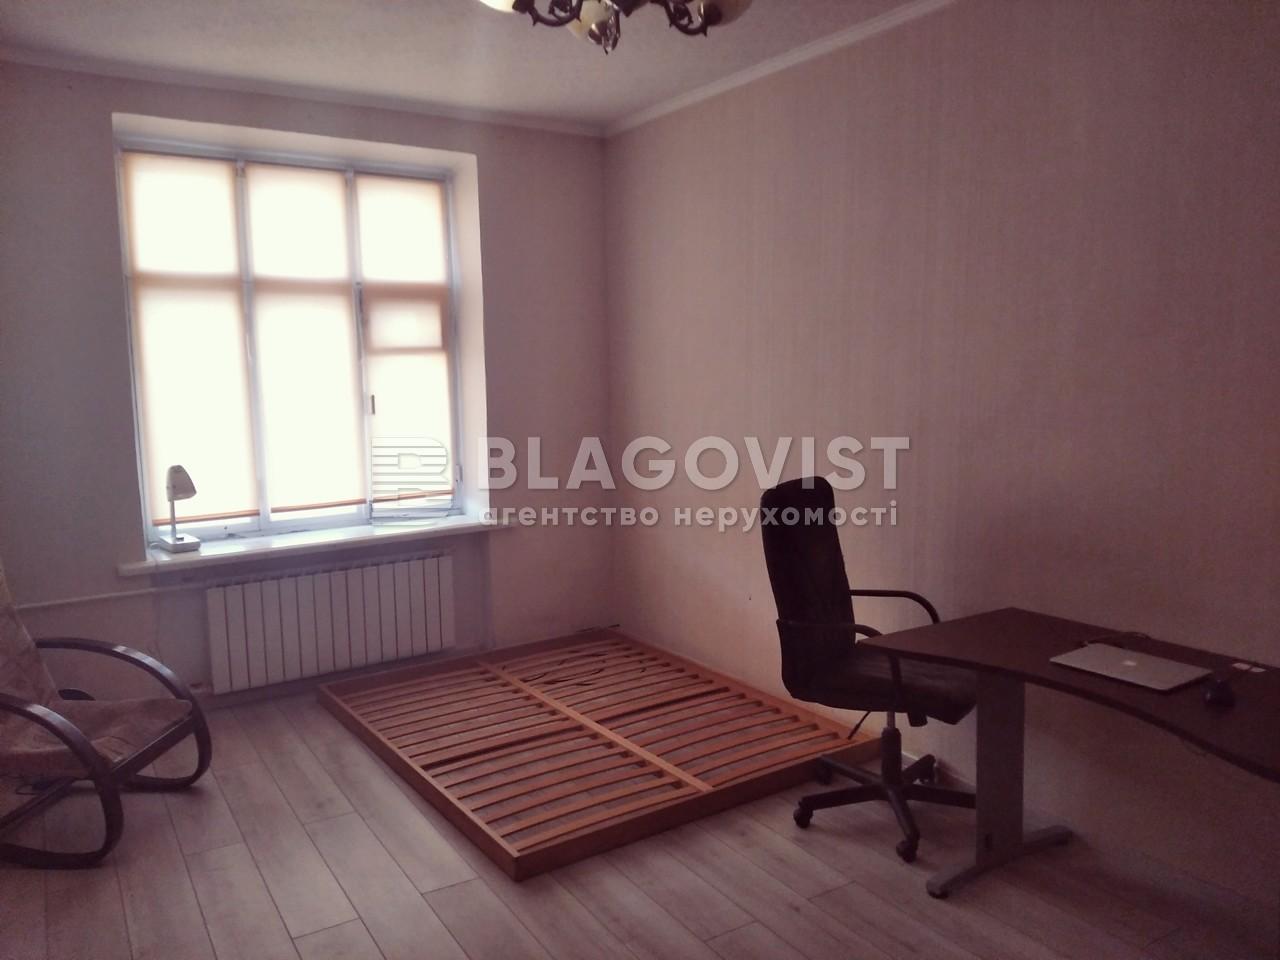 Нежитлове приміщення, M-37743, Січових Стрільців (Артема), Київ - Фото 7